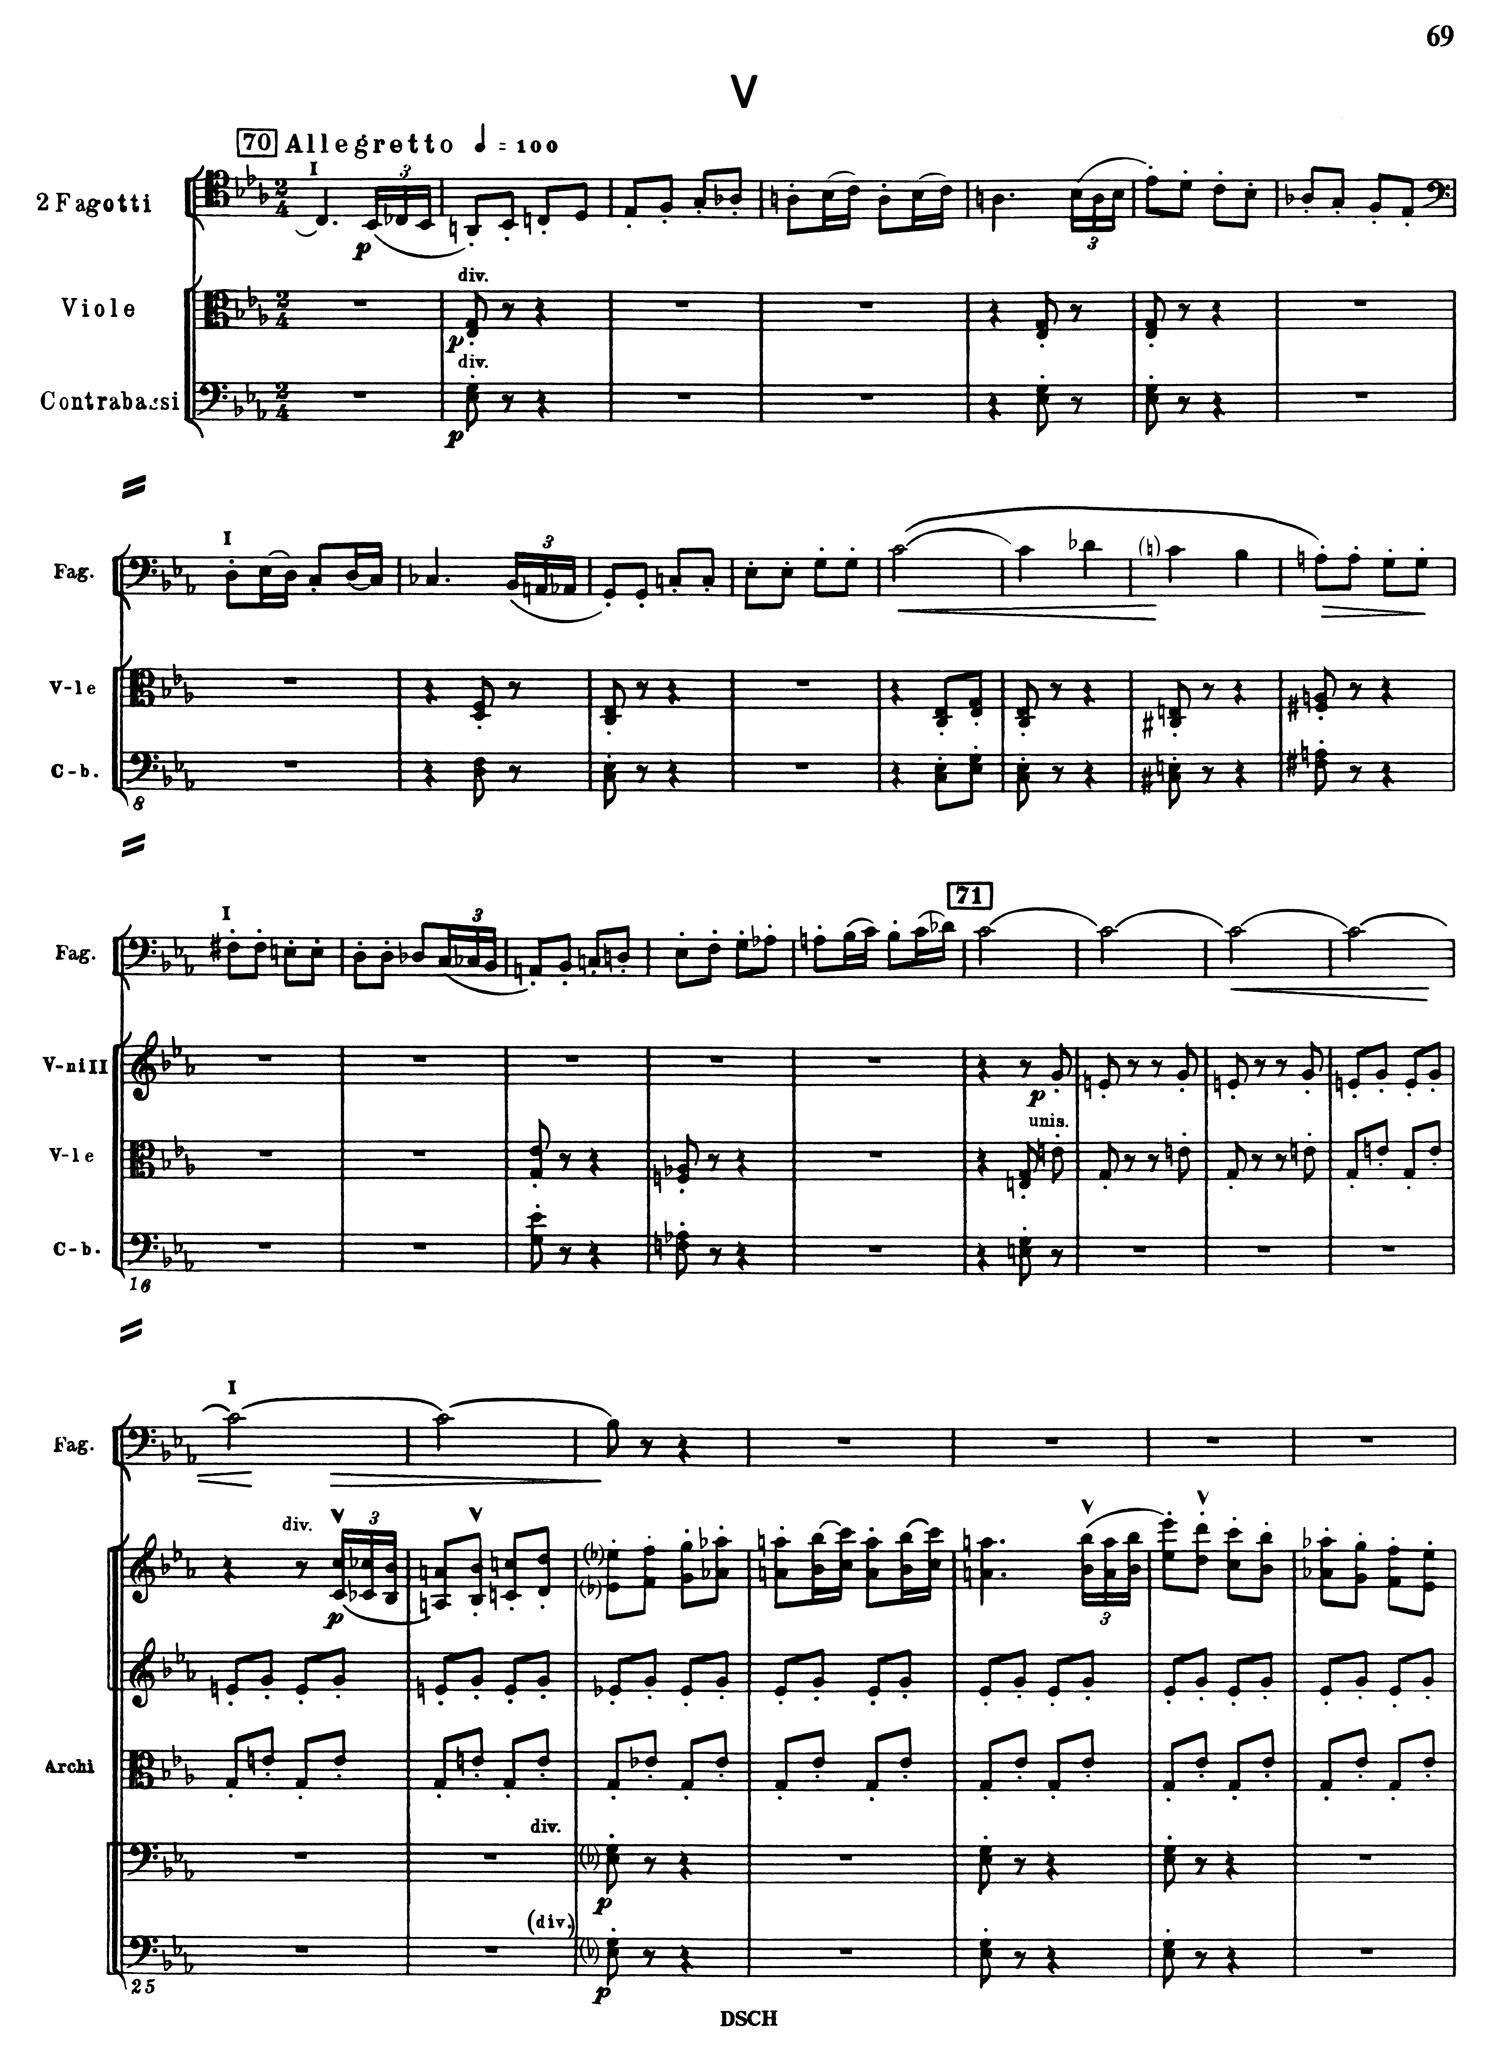 Shostakovich 9 Score 3.jpg